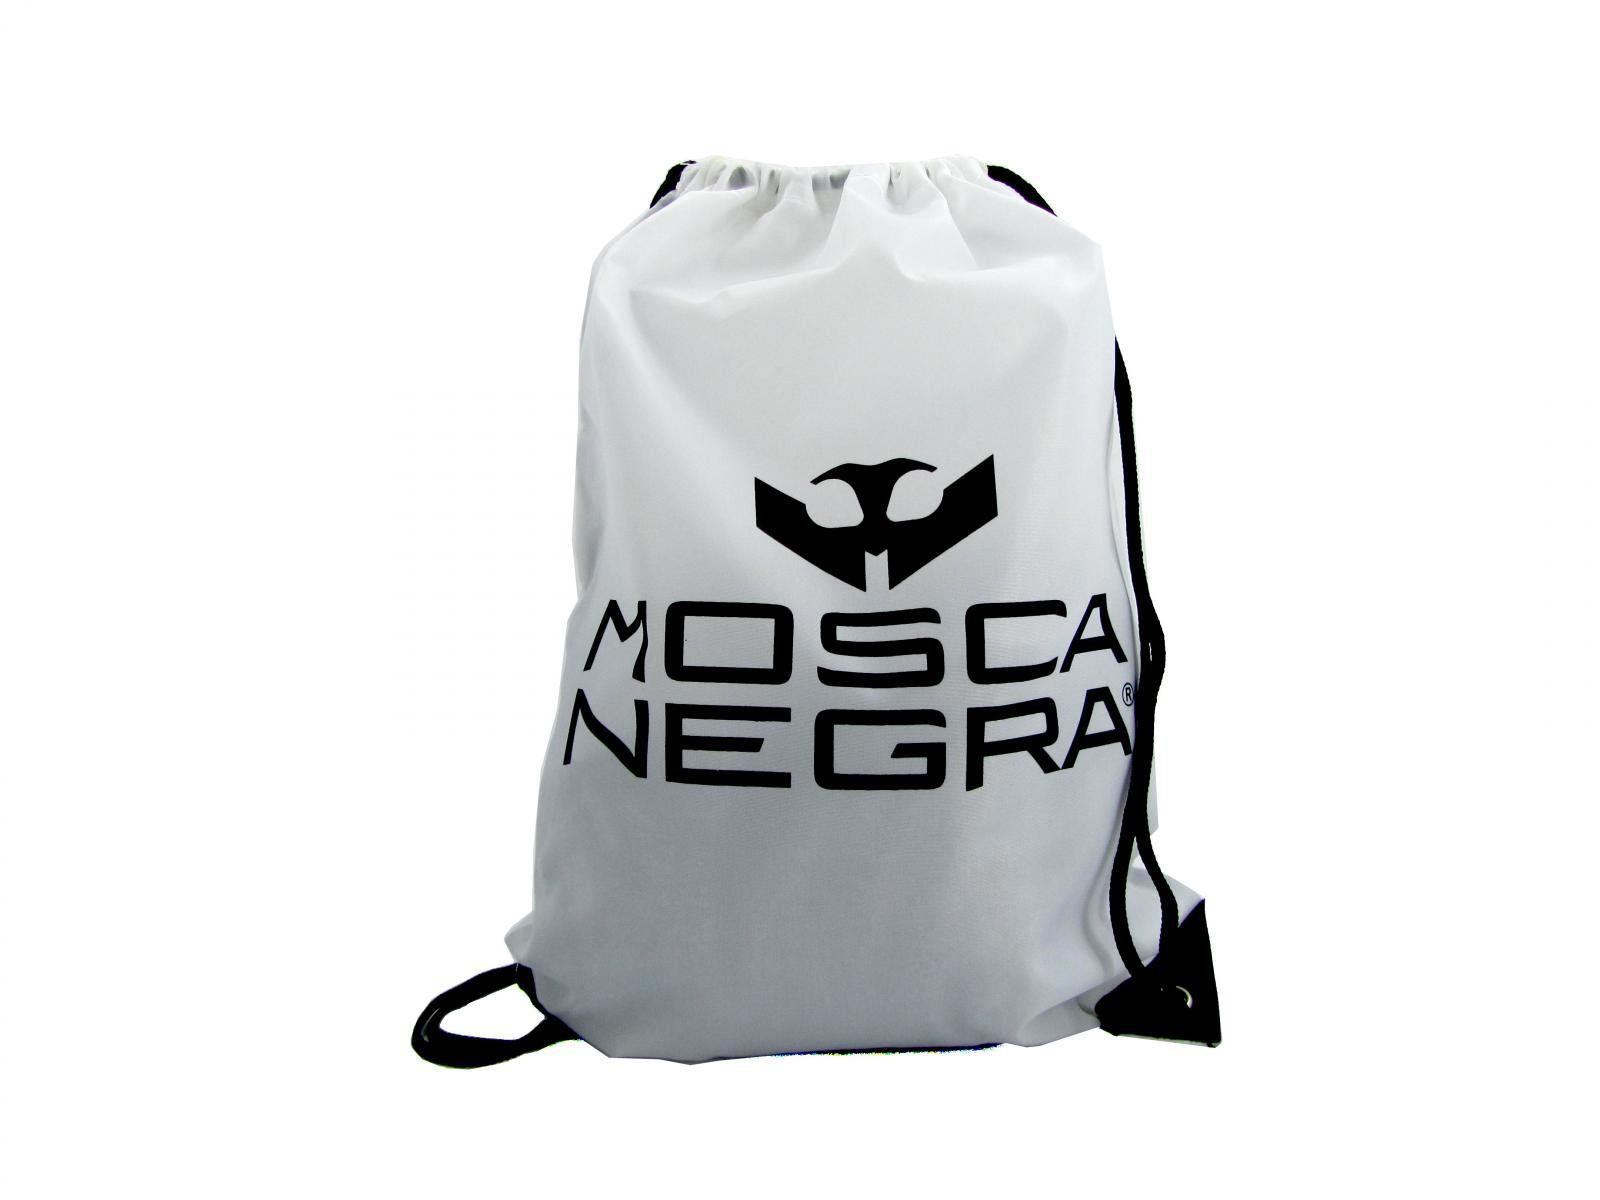 Bolsa Mosca Negra en color blanco